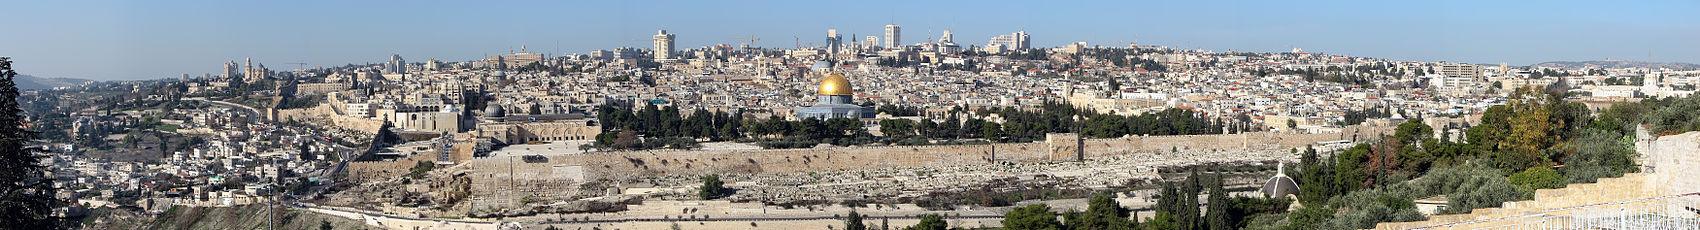 全都是老旧差不多可以当古迹的老房子的耶路撒冷城区